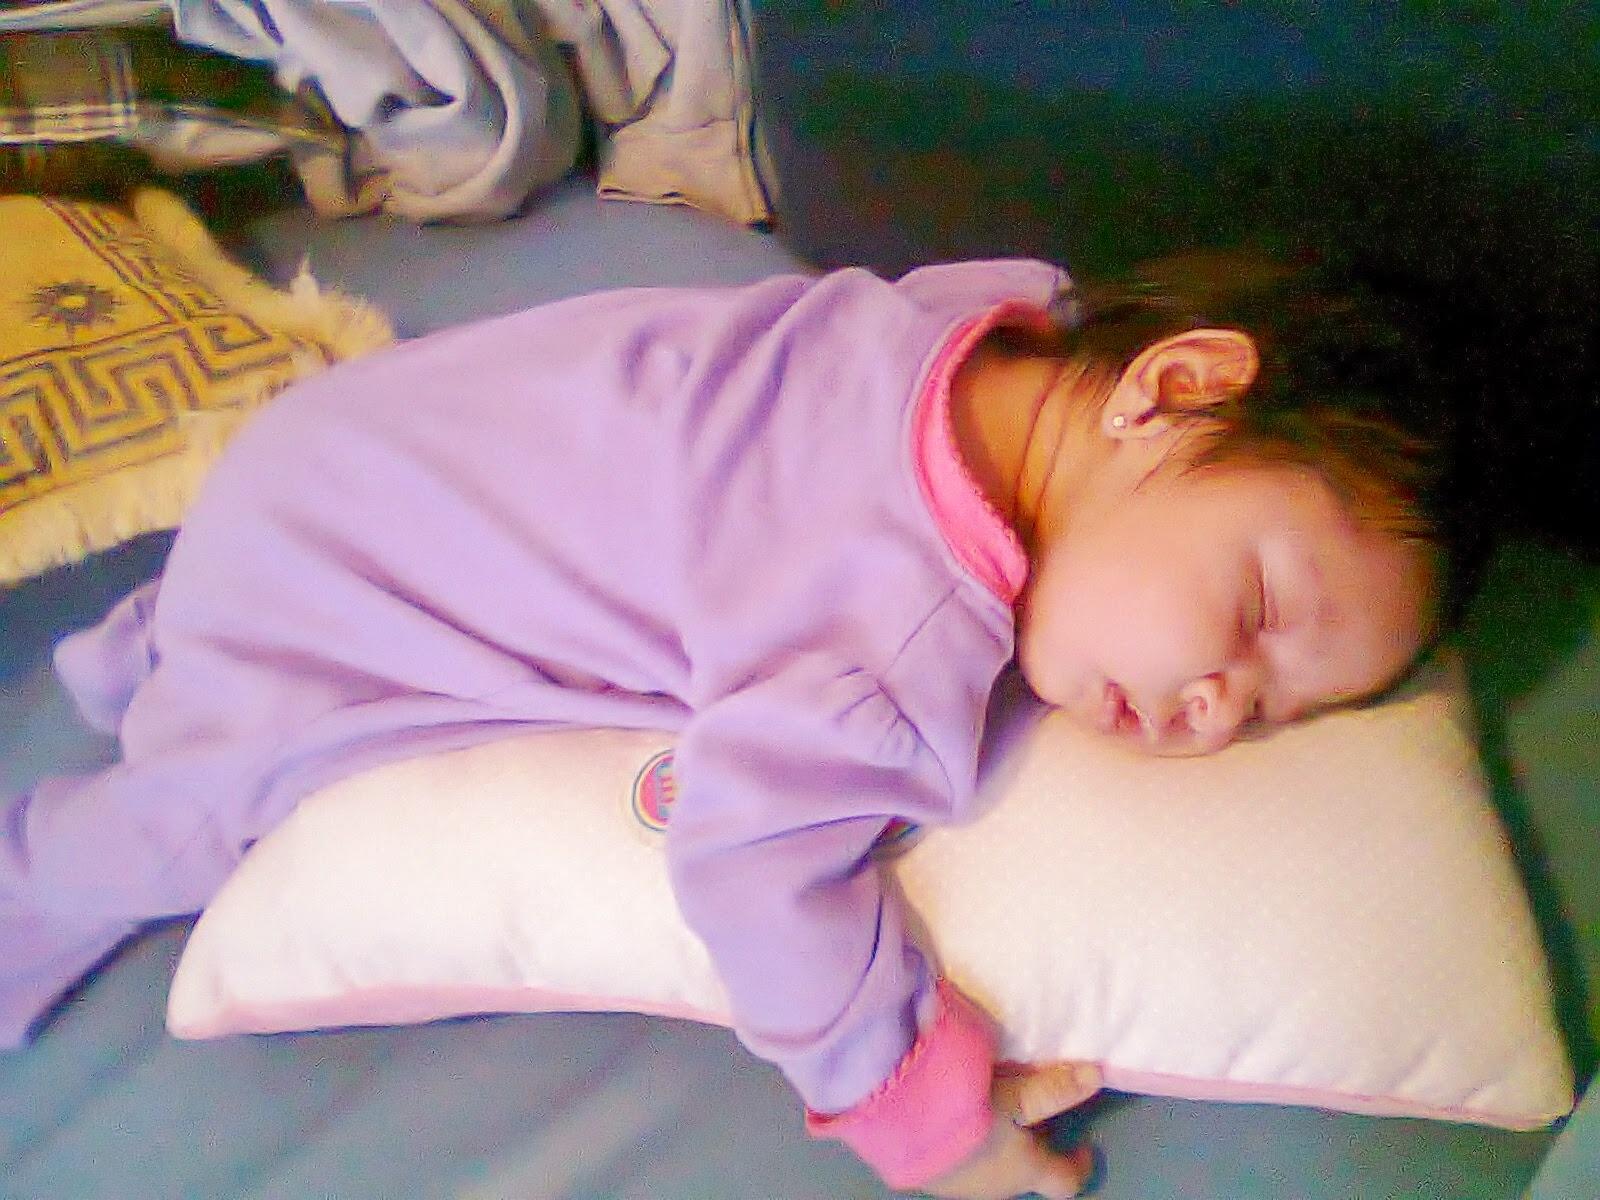 Jéssica-de-la-Portilla-Montaño-Héctor-Juárez-Lorencilla-bebé-todomepasa-método-Oompa-Loompa-para-dormir-bebés